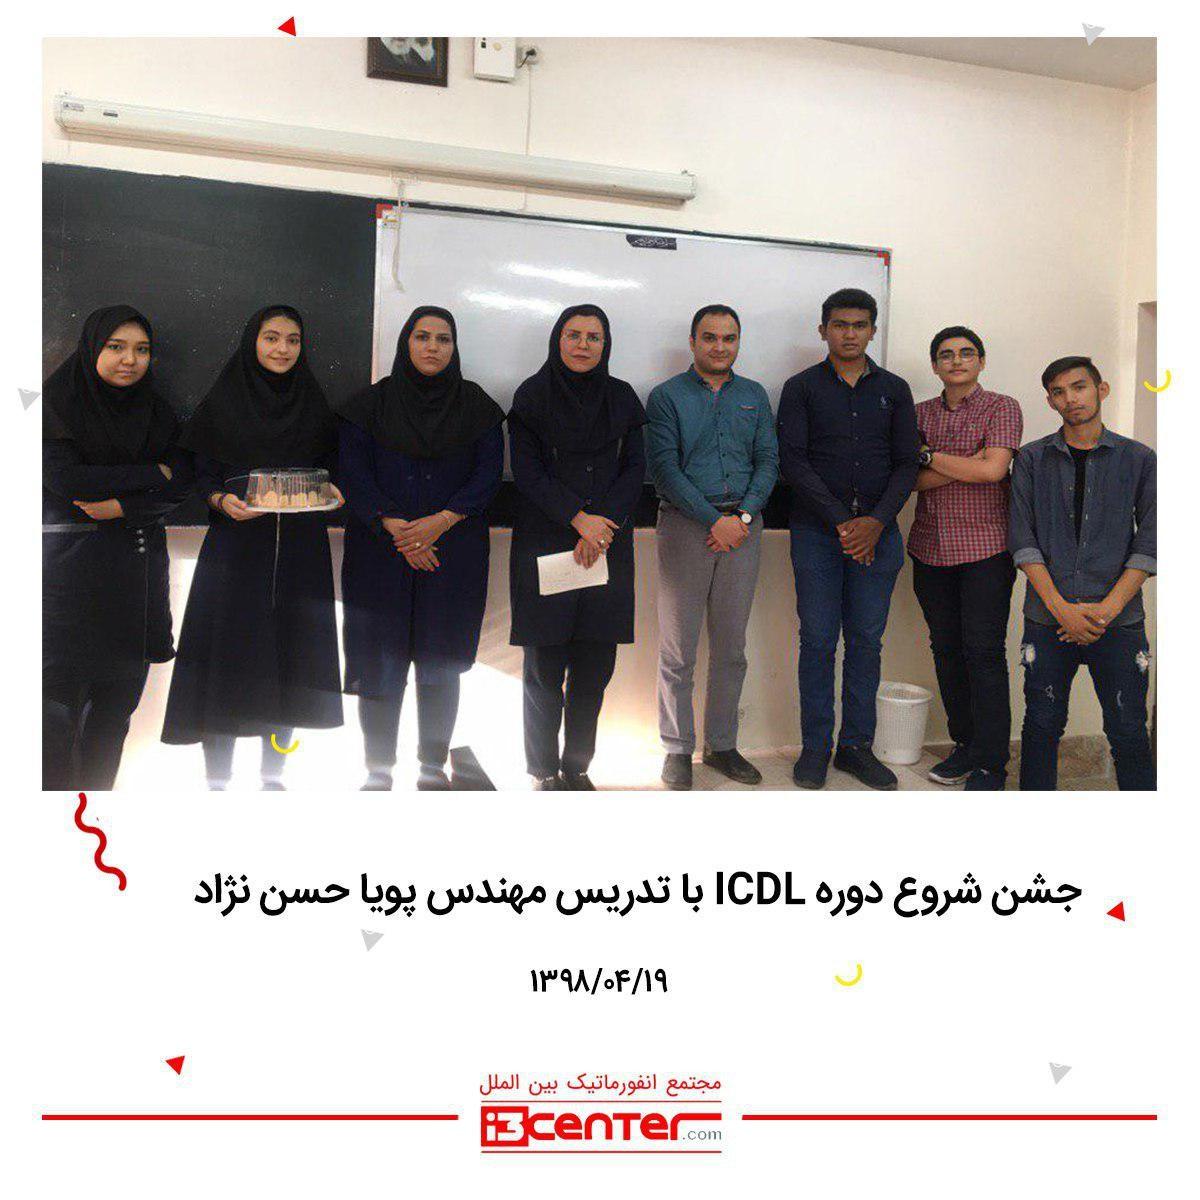 جشن شروع دوره ICDL